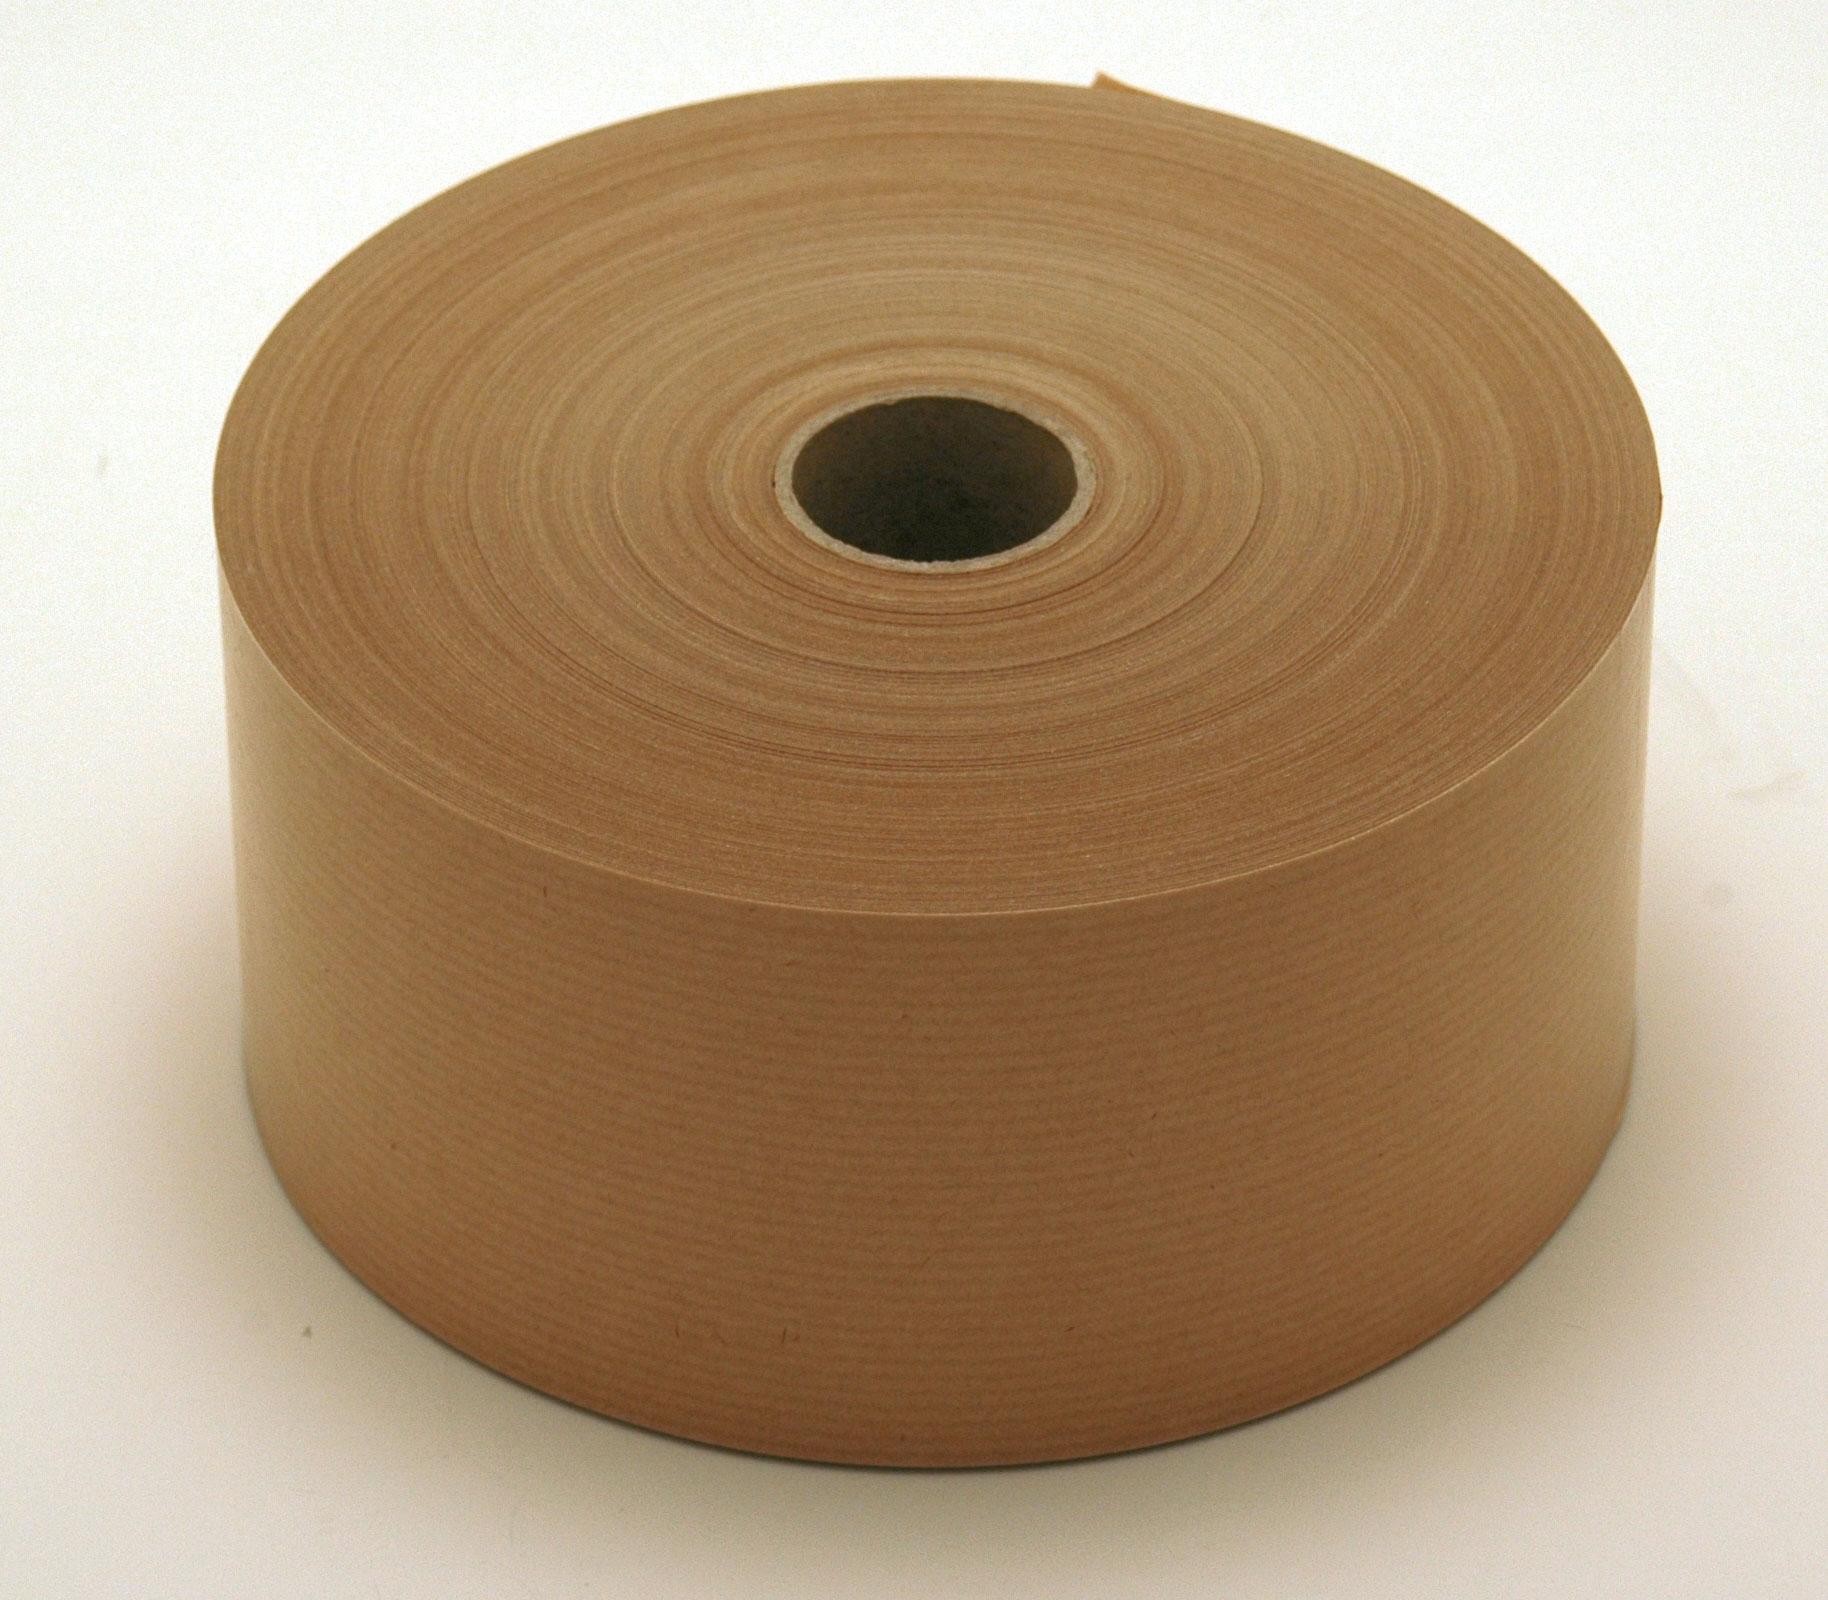 véritable papier kraft (60g) enduit de colle à humidifier. rouleau de 200 mètres largeur 6cm